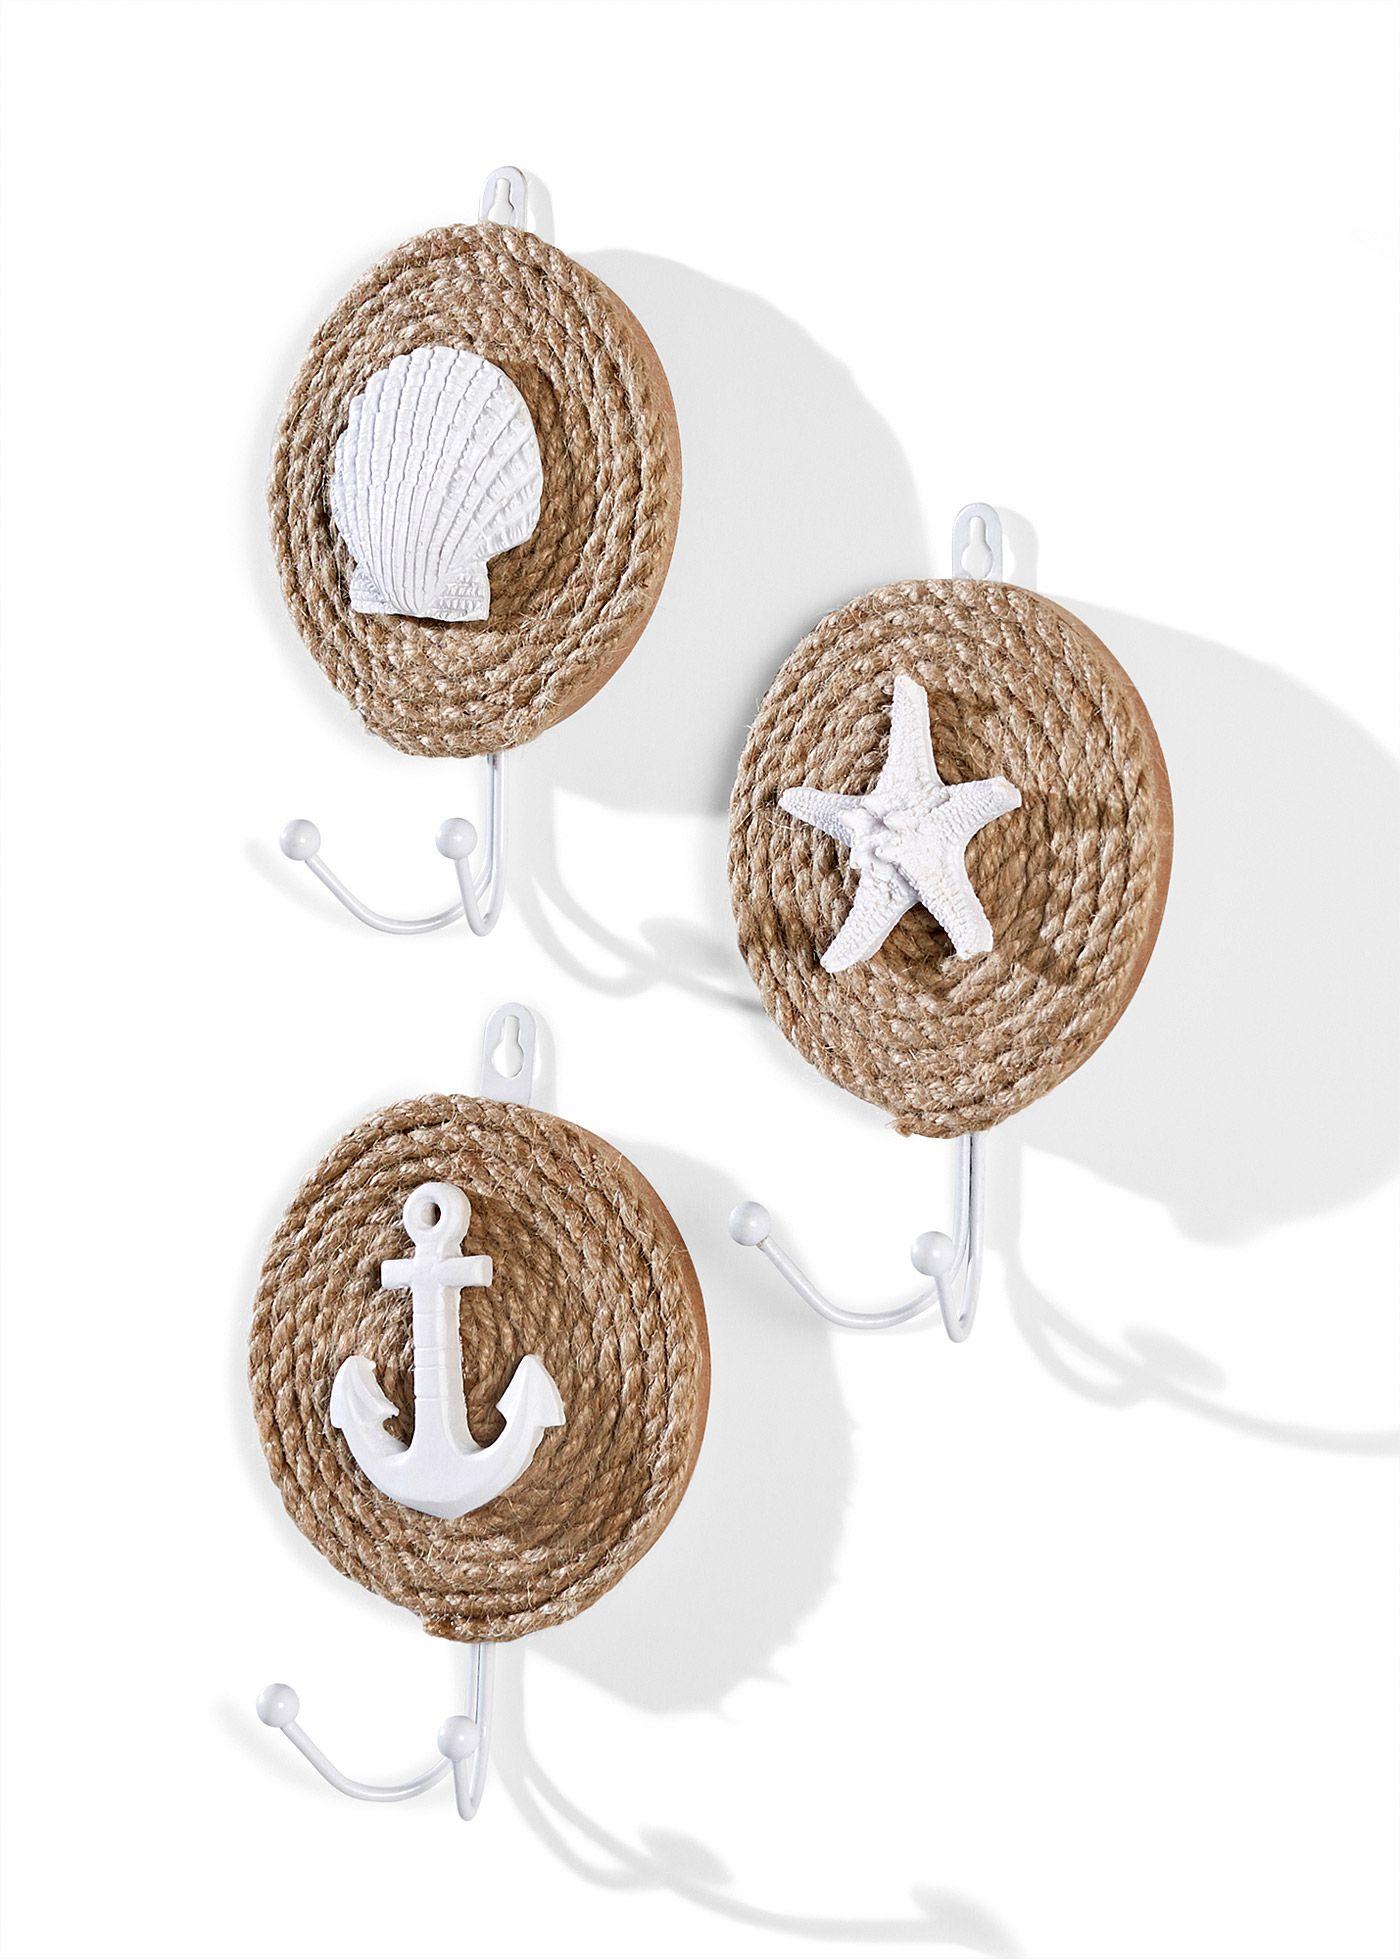 Http Www Bonprix De Produkt Wandhaken Maritim 3 Tlg Set Sand Weiss